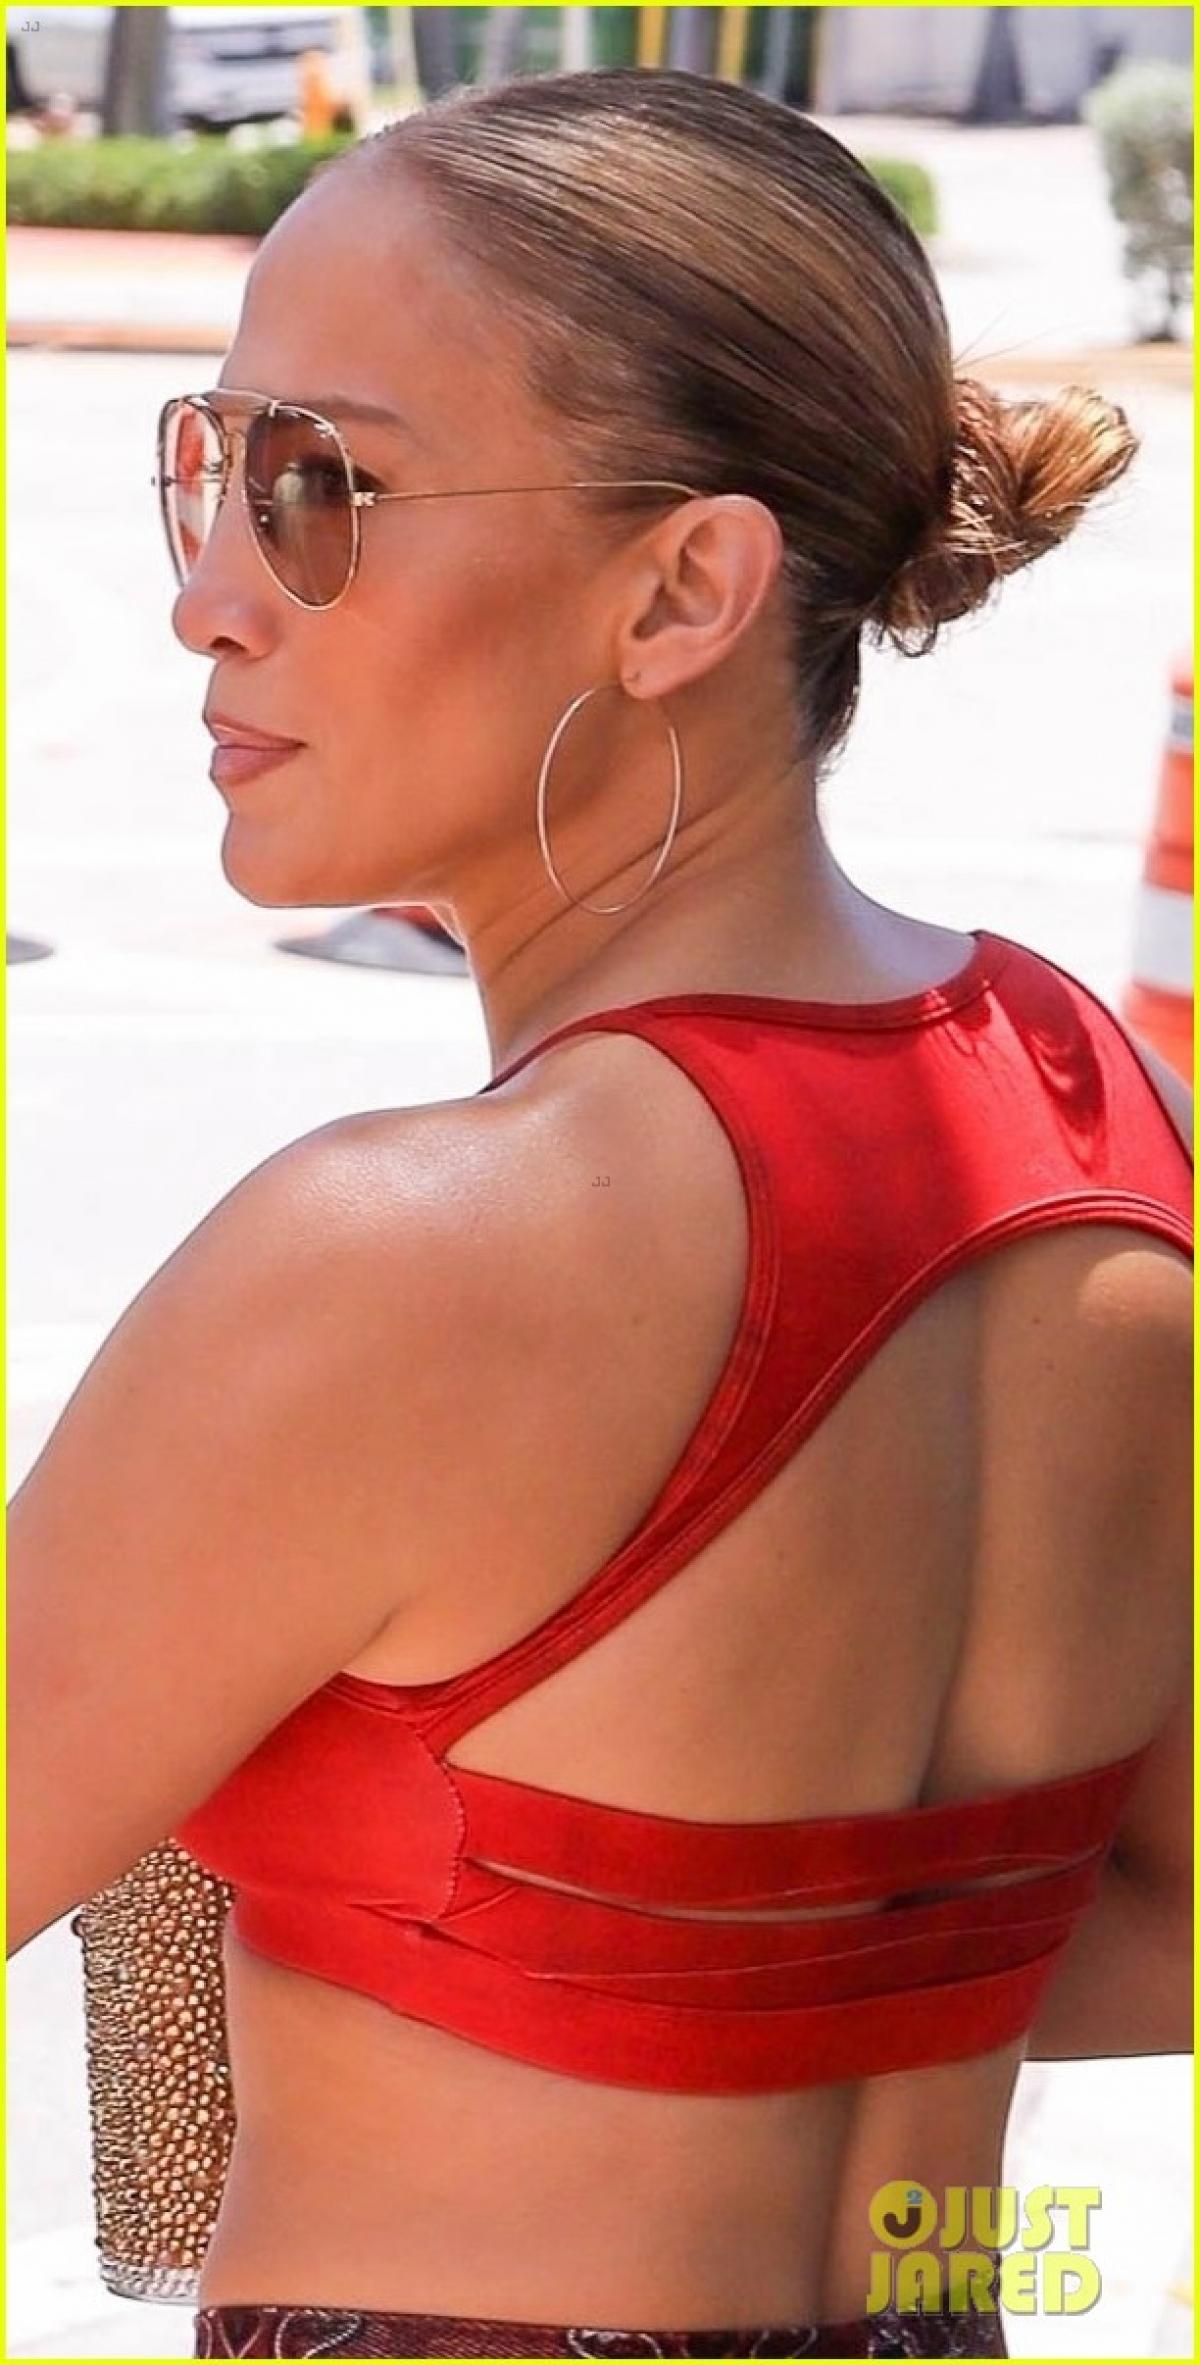 Cách đây không lâu, theo nguồn tin trên Pagesix, Jennifer Lopez và Ben Affleck vui vẻ đi ăn tối cùng nhau tại nhà hàng 5 sao trong khách sạn Pendry, West Hollywood.